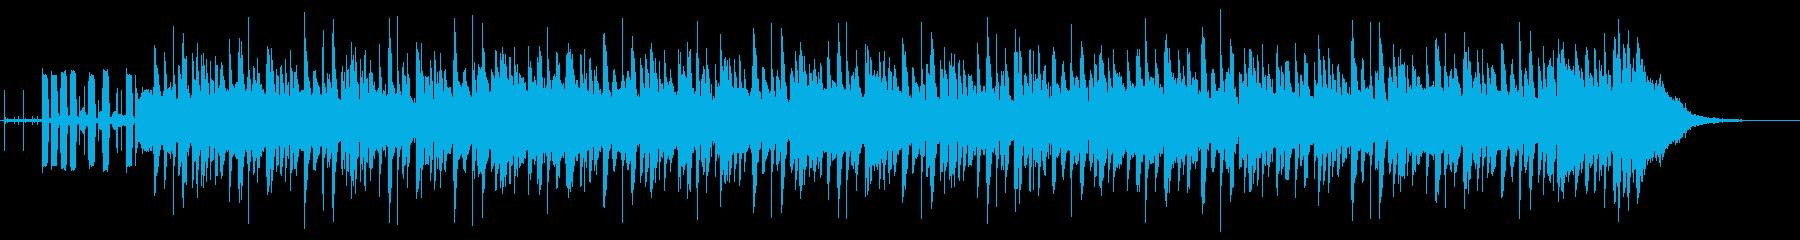 スタイリッシュなテンポ速めの曲ですの再生済みの波形